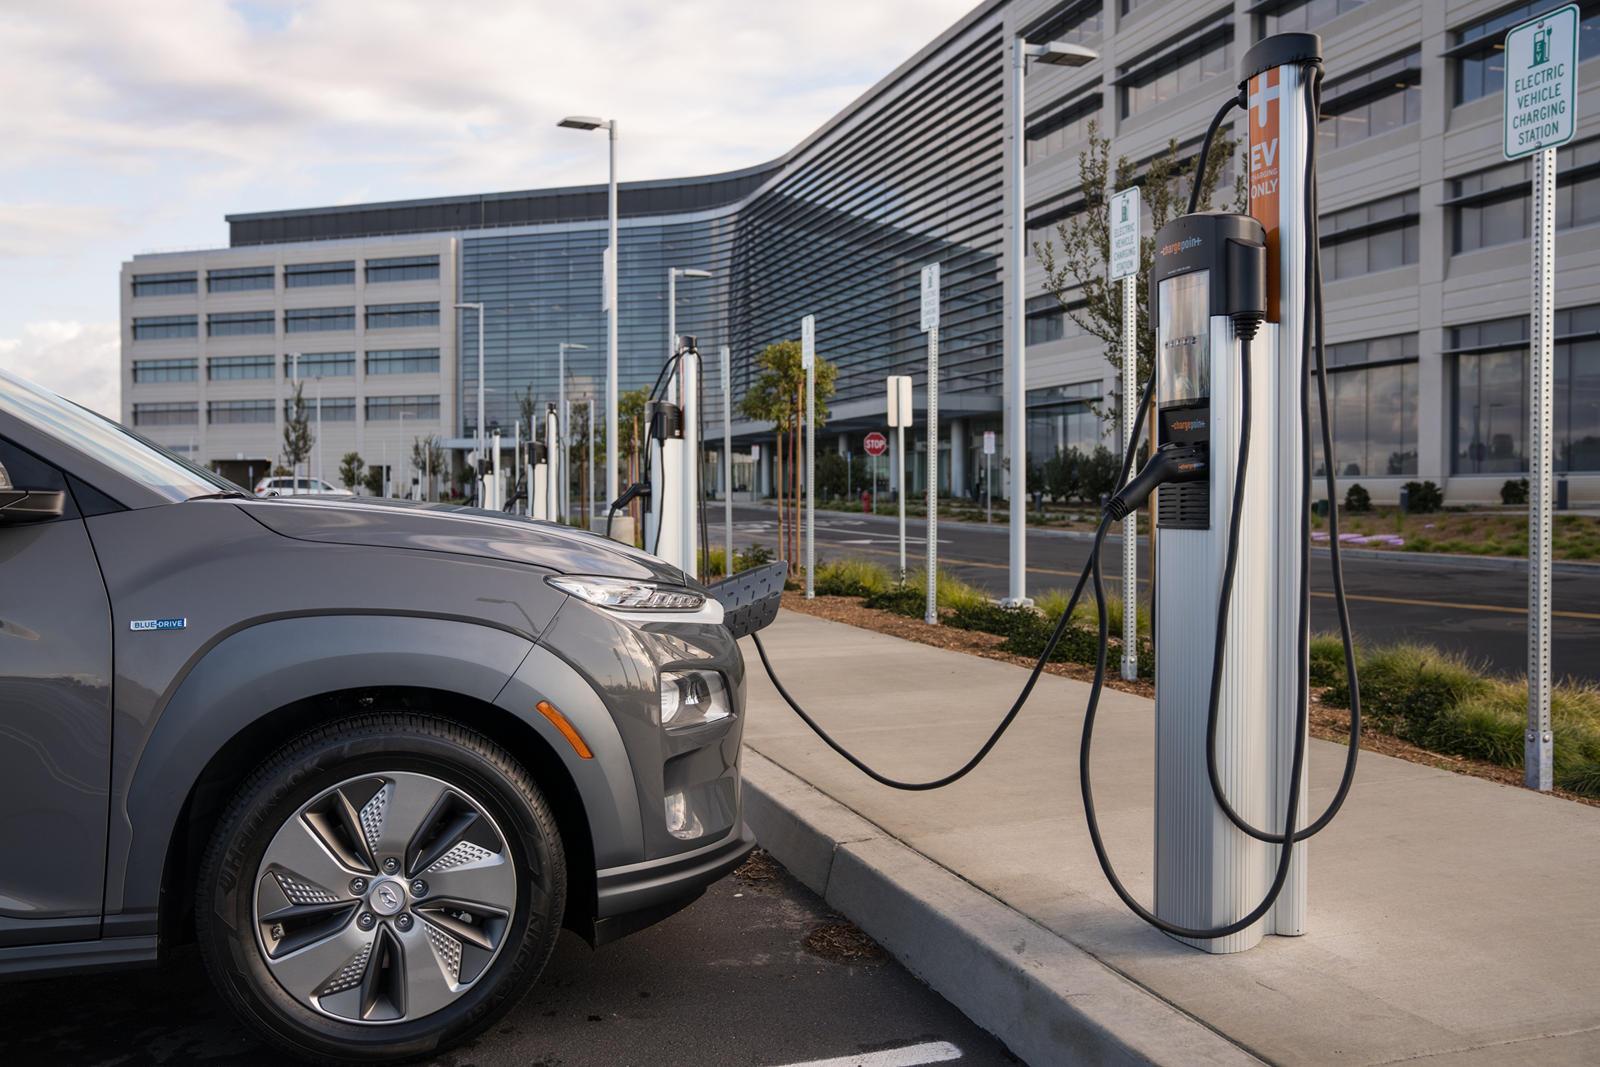 Та же самая философия скорости и эффективности применяется к зарядным станциям E-pit. Согласно Inside EV, станции E-Pit сначала будут развернуты в Южной Корее. Эти быстрые зарядные устройства на 800 В позволят зарядить аккумуляторы до 80 процентов ме